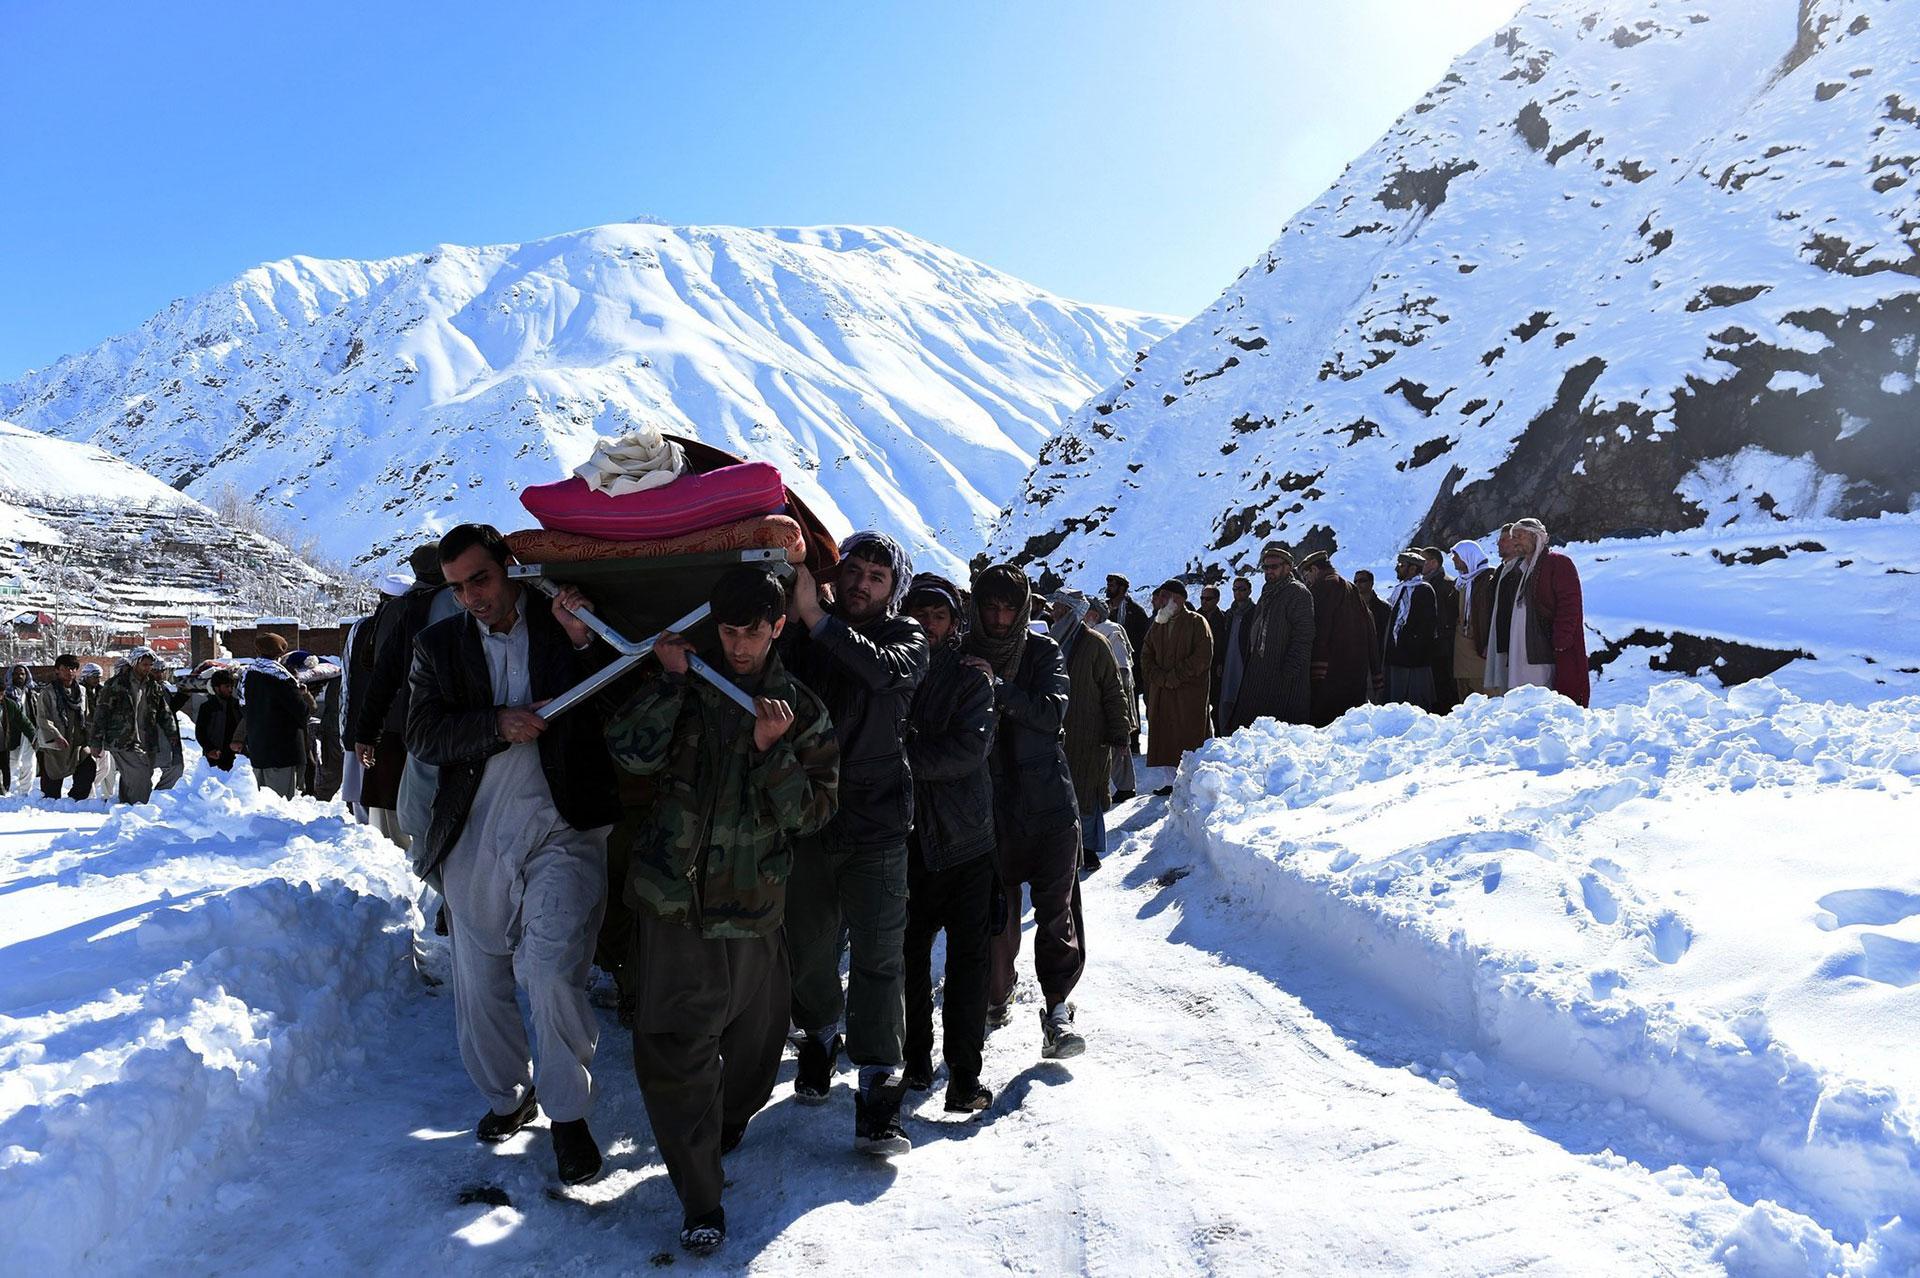 El funeral para la víctima de una avalancha ocurrida en 2015 en la provincia norteña de Panjshir (AFP)